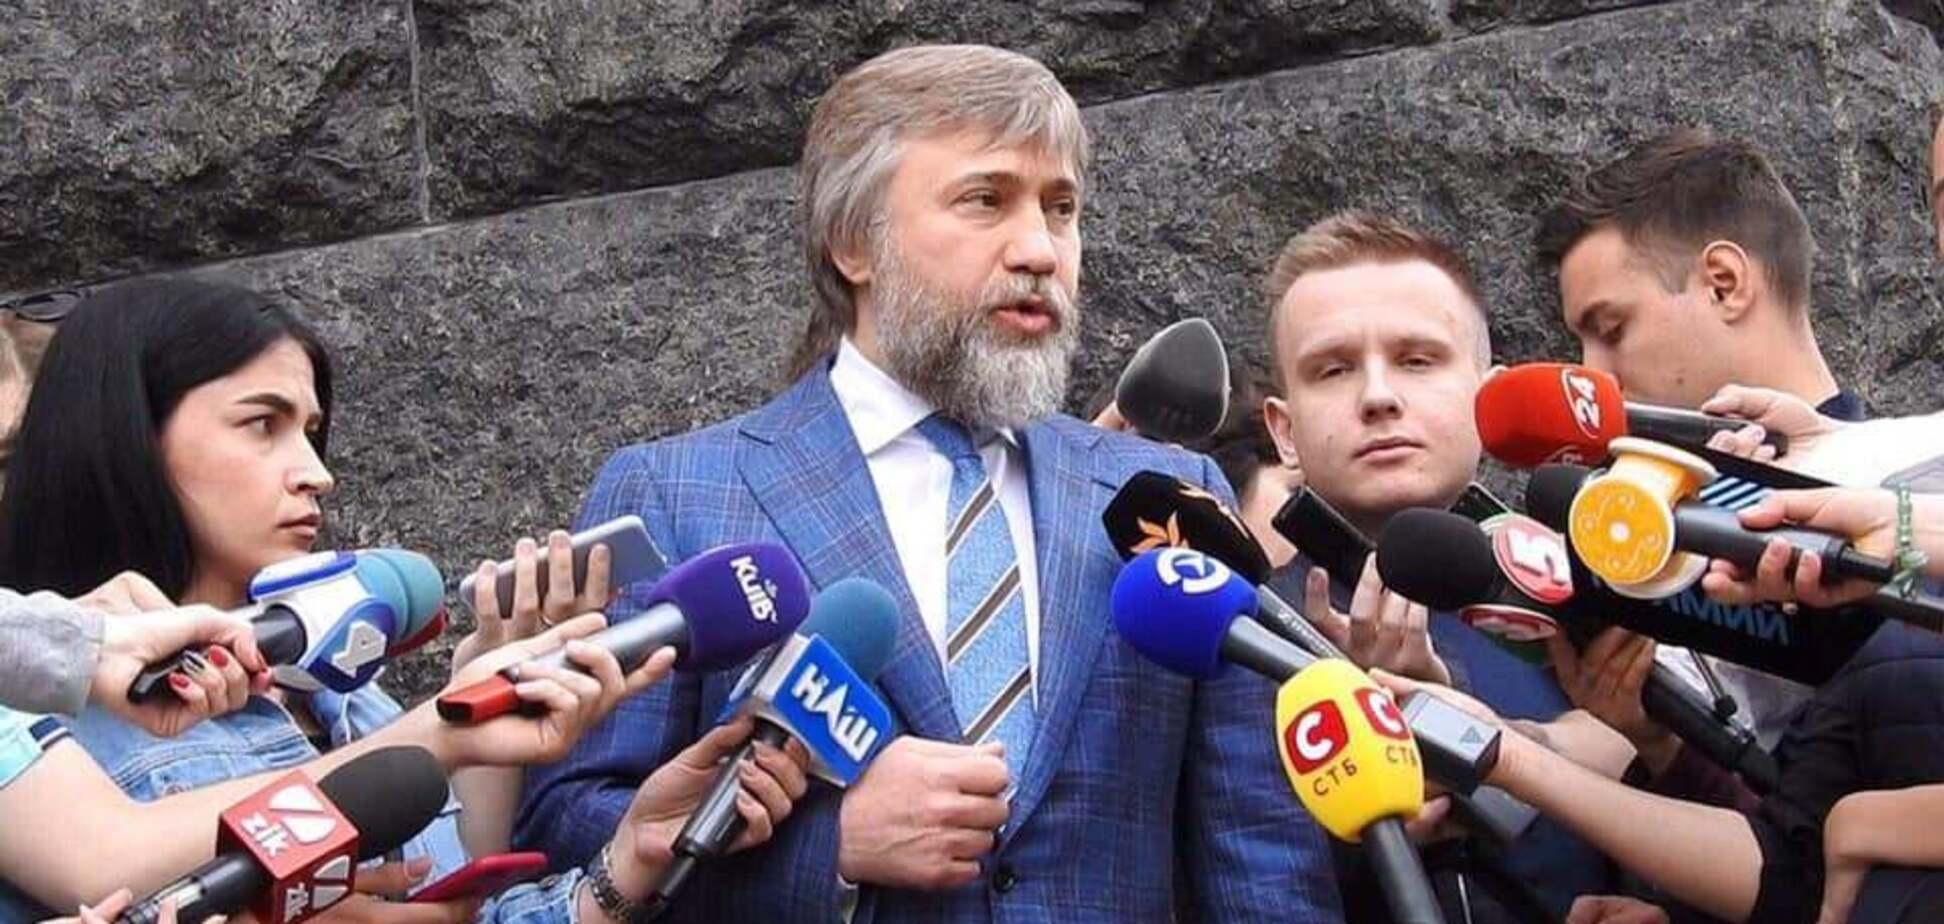 Новинский расценил закрытие каналов Медведчука как грубое нарушение свободы слова